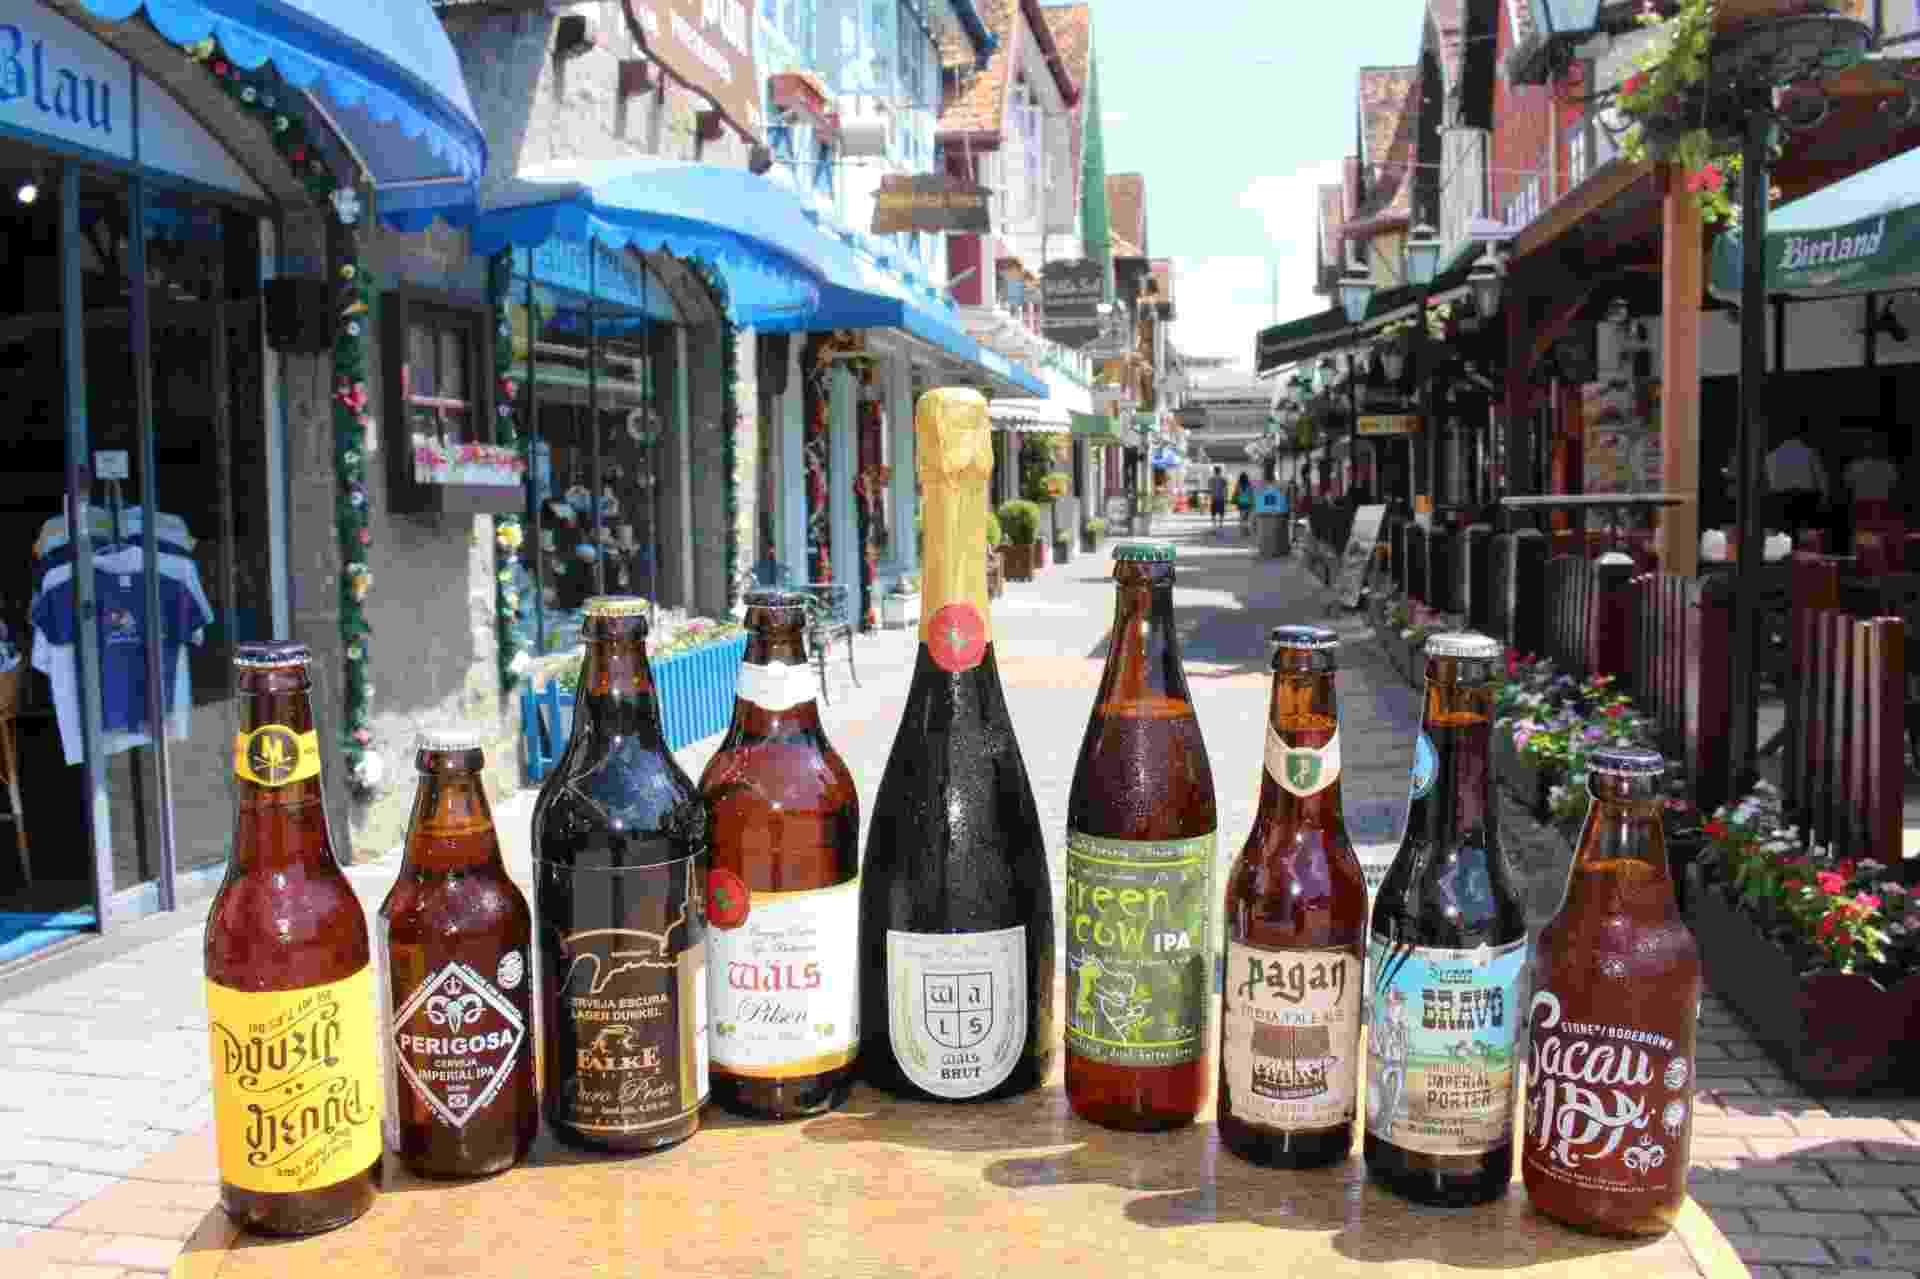 Conheça nove rótulos expostos para degustação no 6º Festival Brasileiro da Cerveja de Blumenau (SC), que acontece de quarta-feira (12) a sábado (15). O evento conta com a presença de 40% das cervejarias artesanais do país e uma expectativa de público de 30 mil pessoas - Jandyr Nascimento/UOL